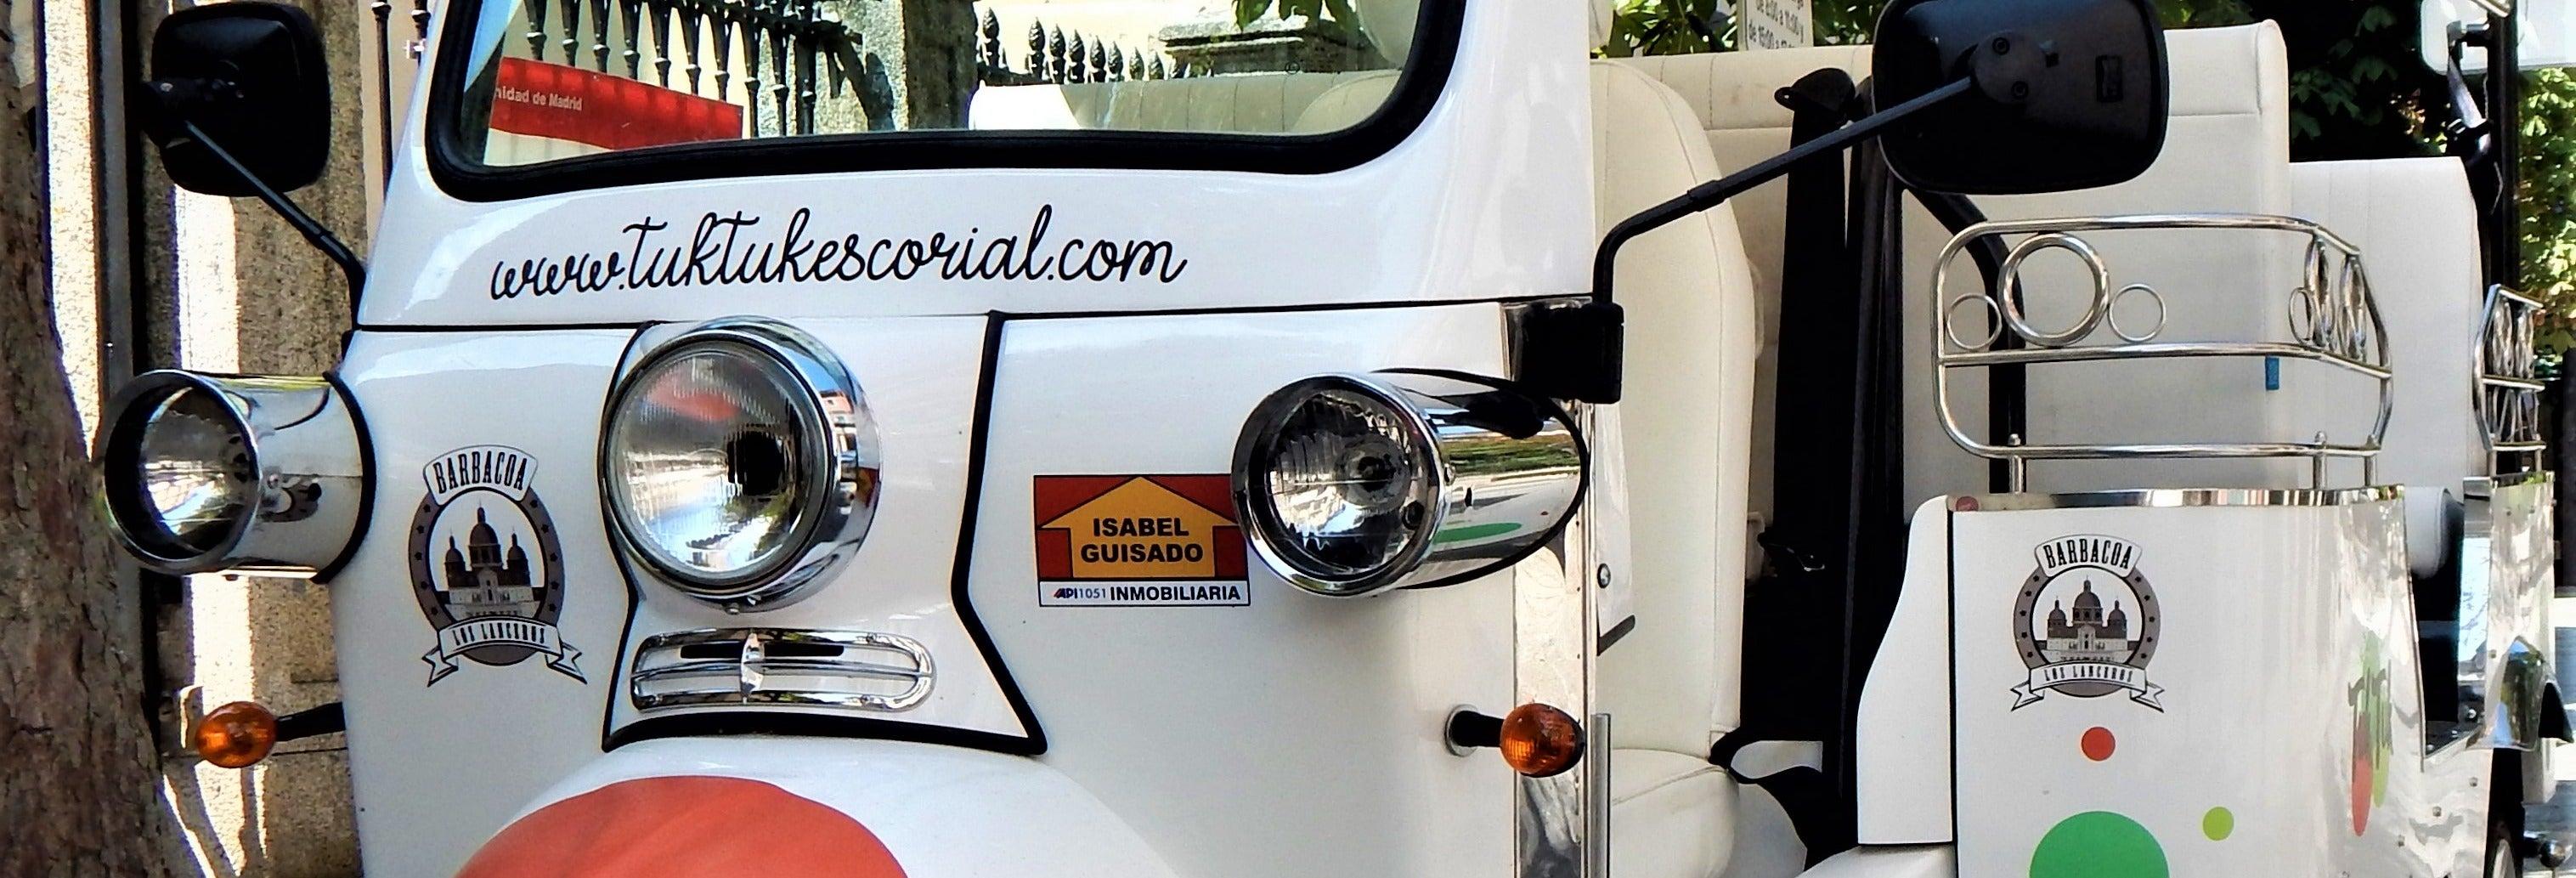 Tour en tuk tuk por El Escorial